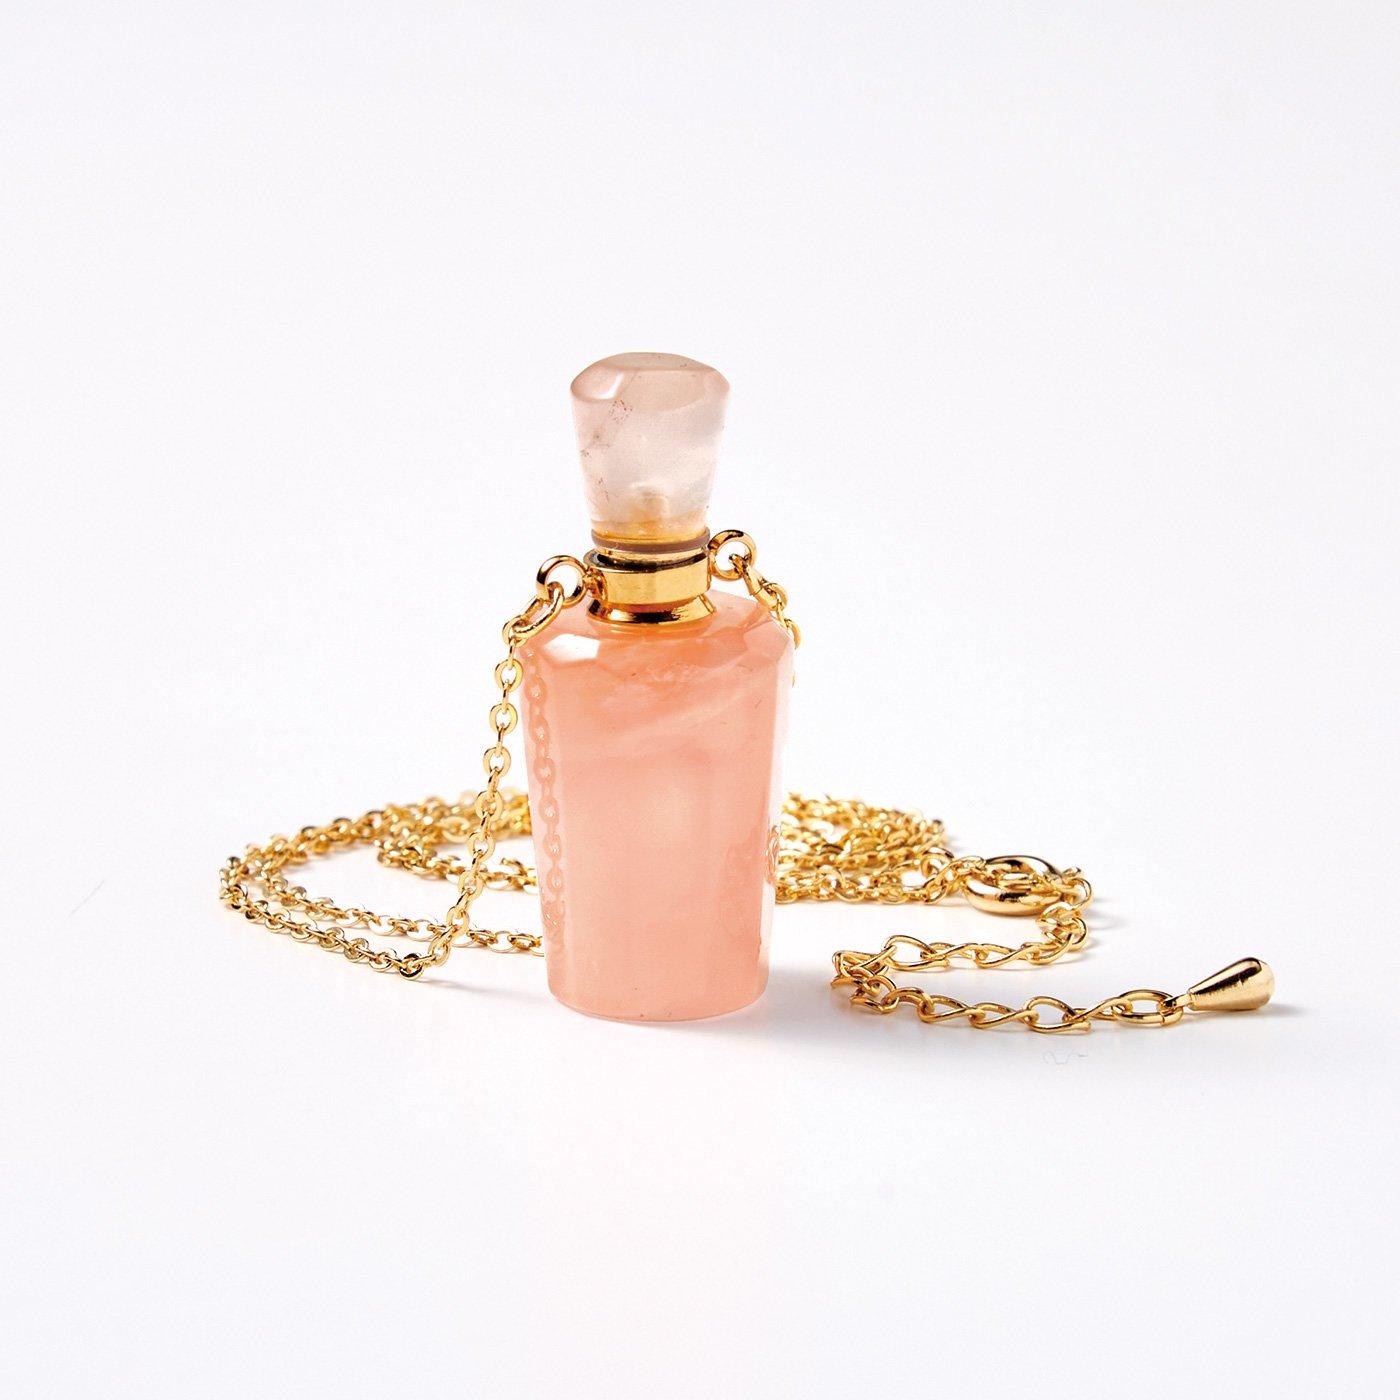 魔法部 小さな香水瓶で香りを持ち運ぶ 天然石ネックレス〈ローズクオーツ〉